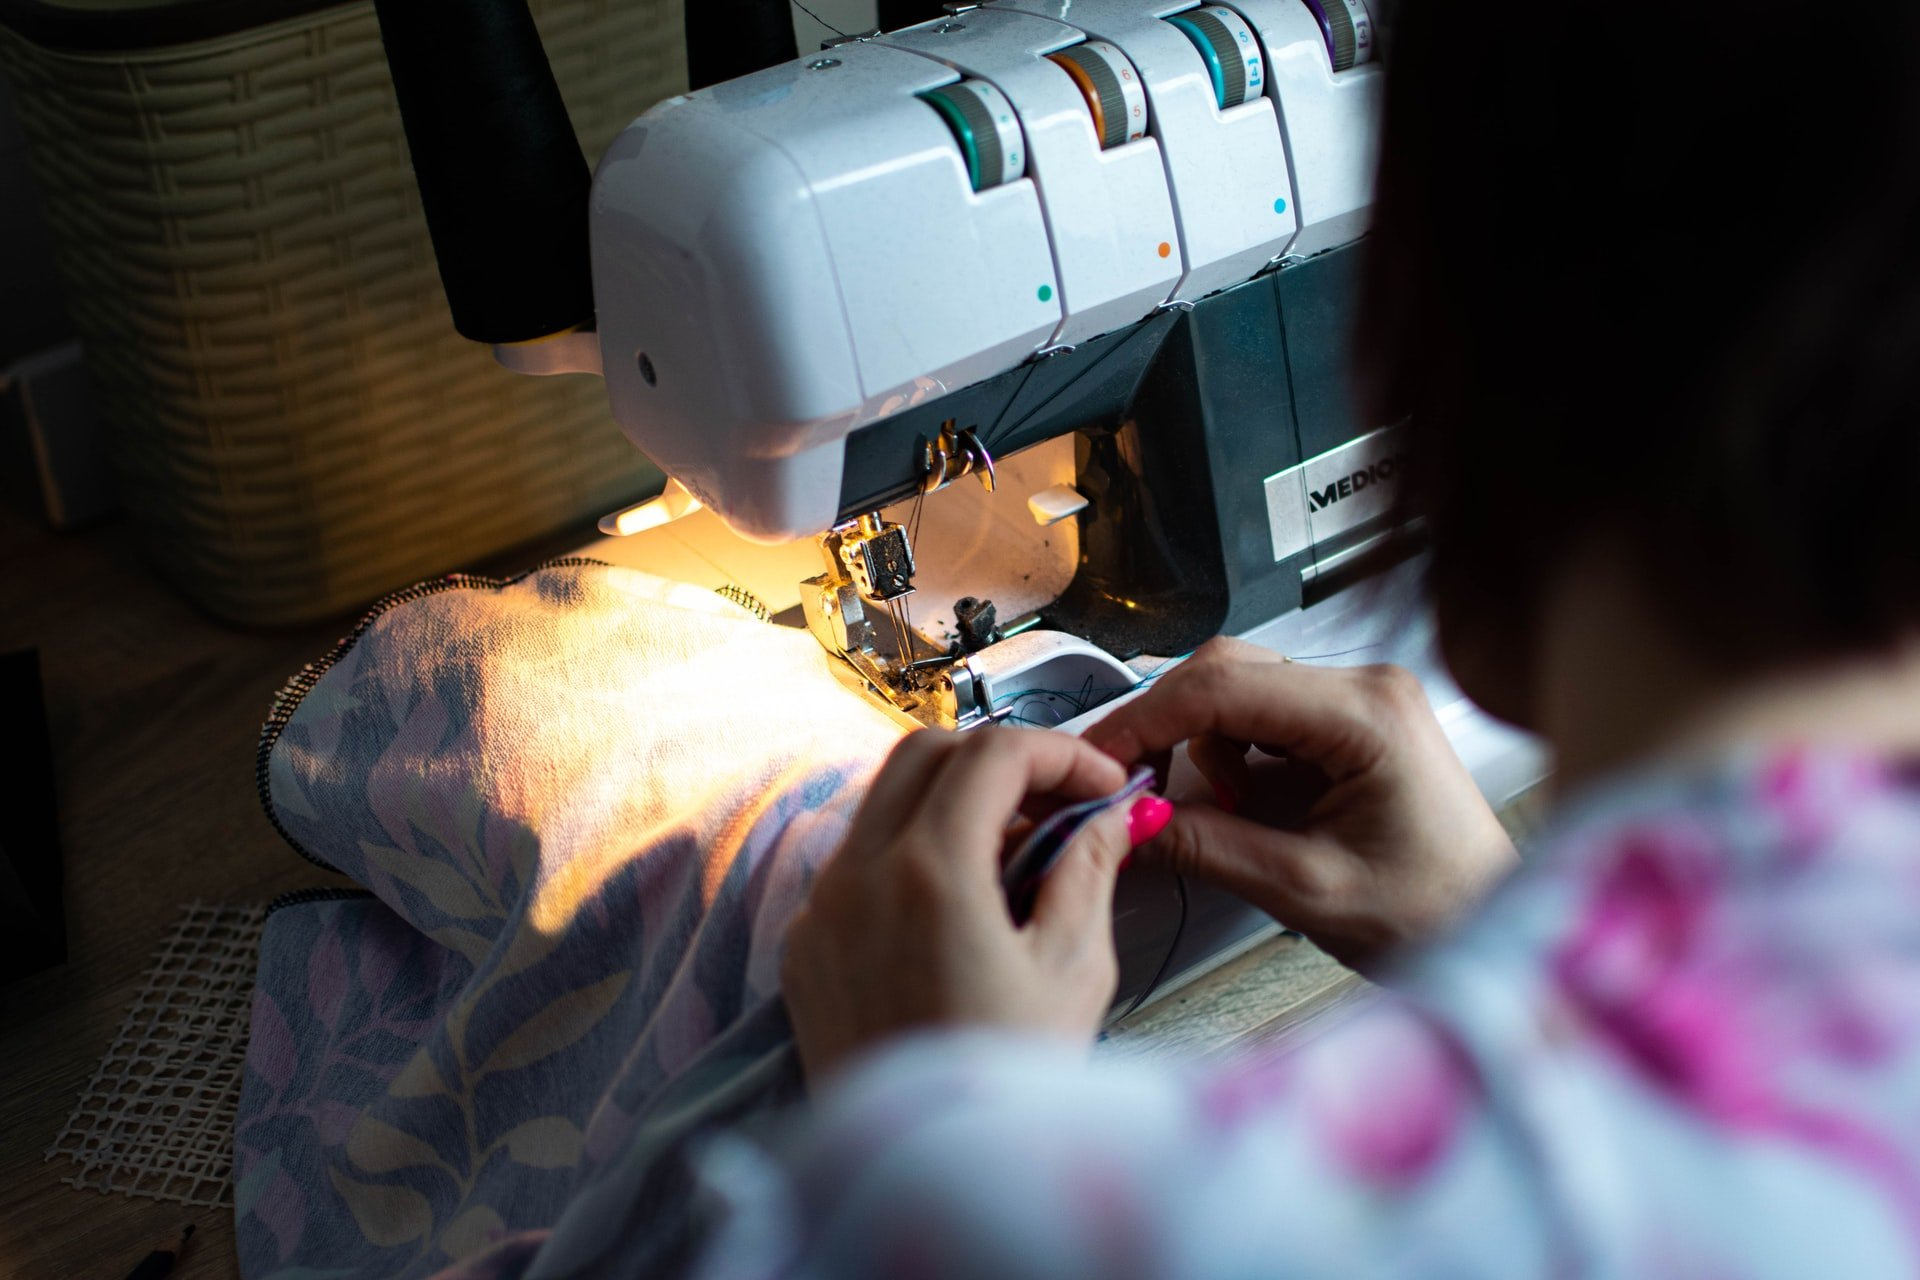 donna che cuce con tagliacuci, autoproduzione abiti